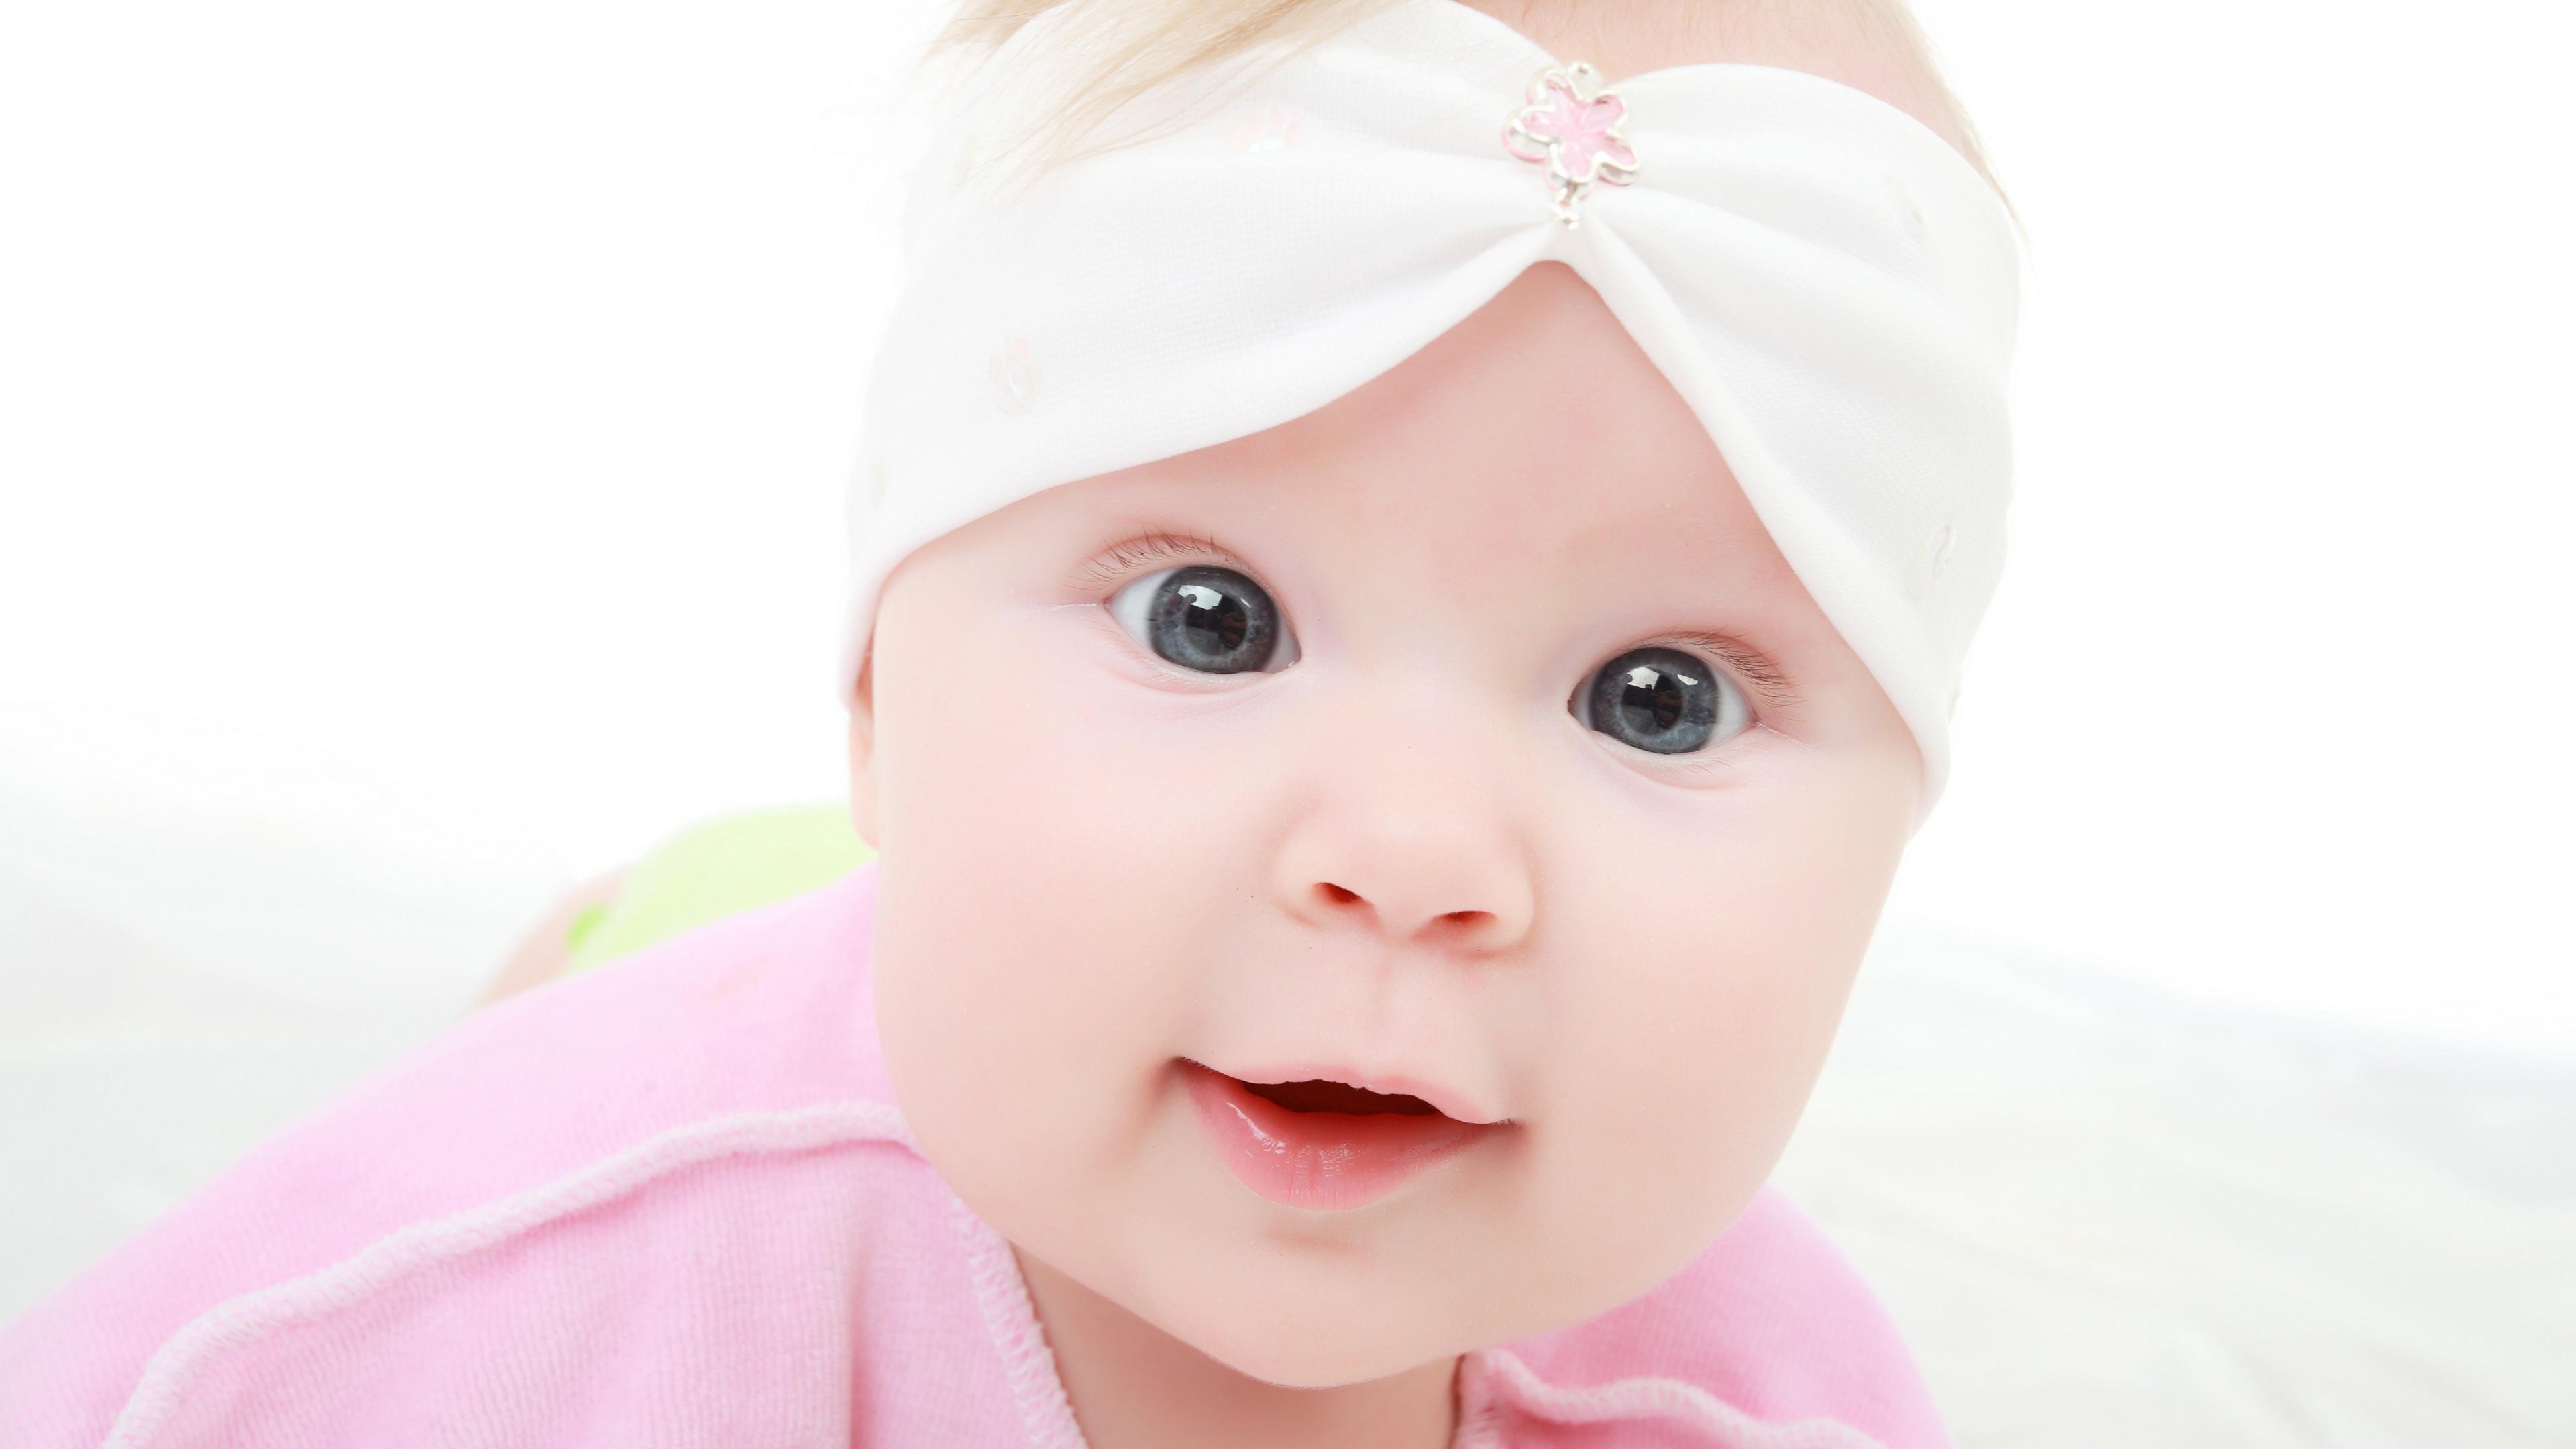 Любознательный малыш с серыми блестящими глазками и улыбкой